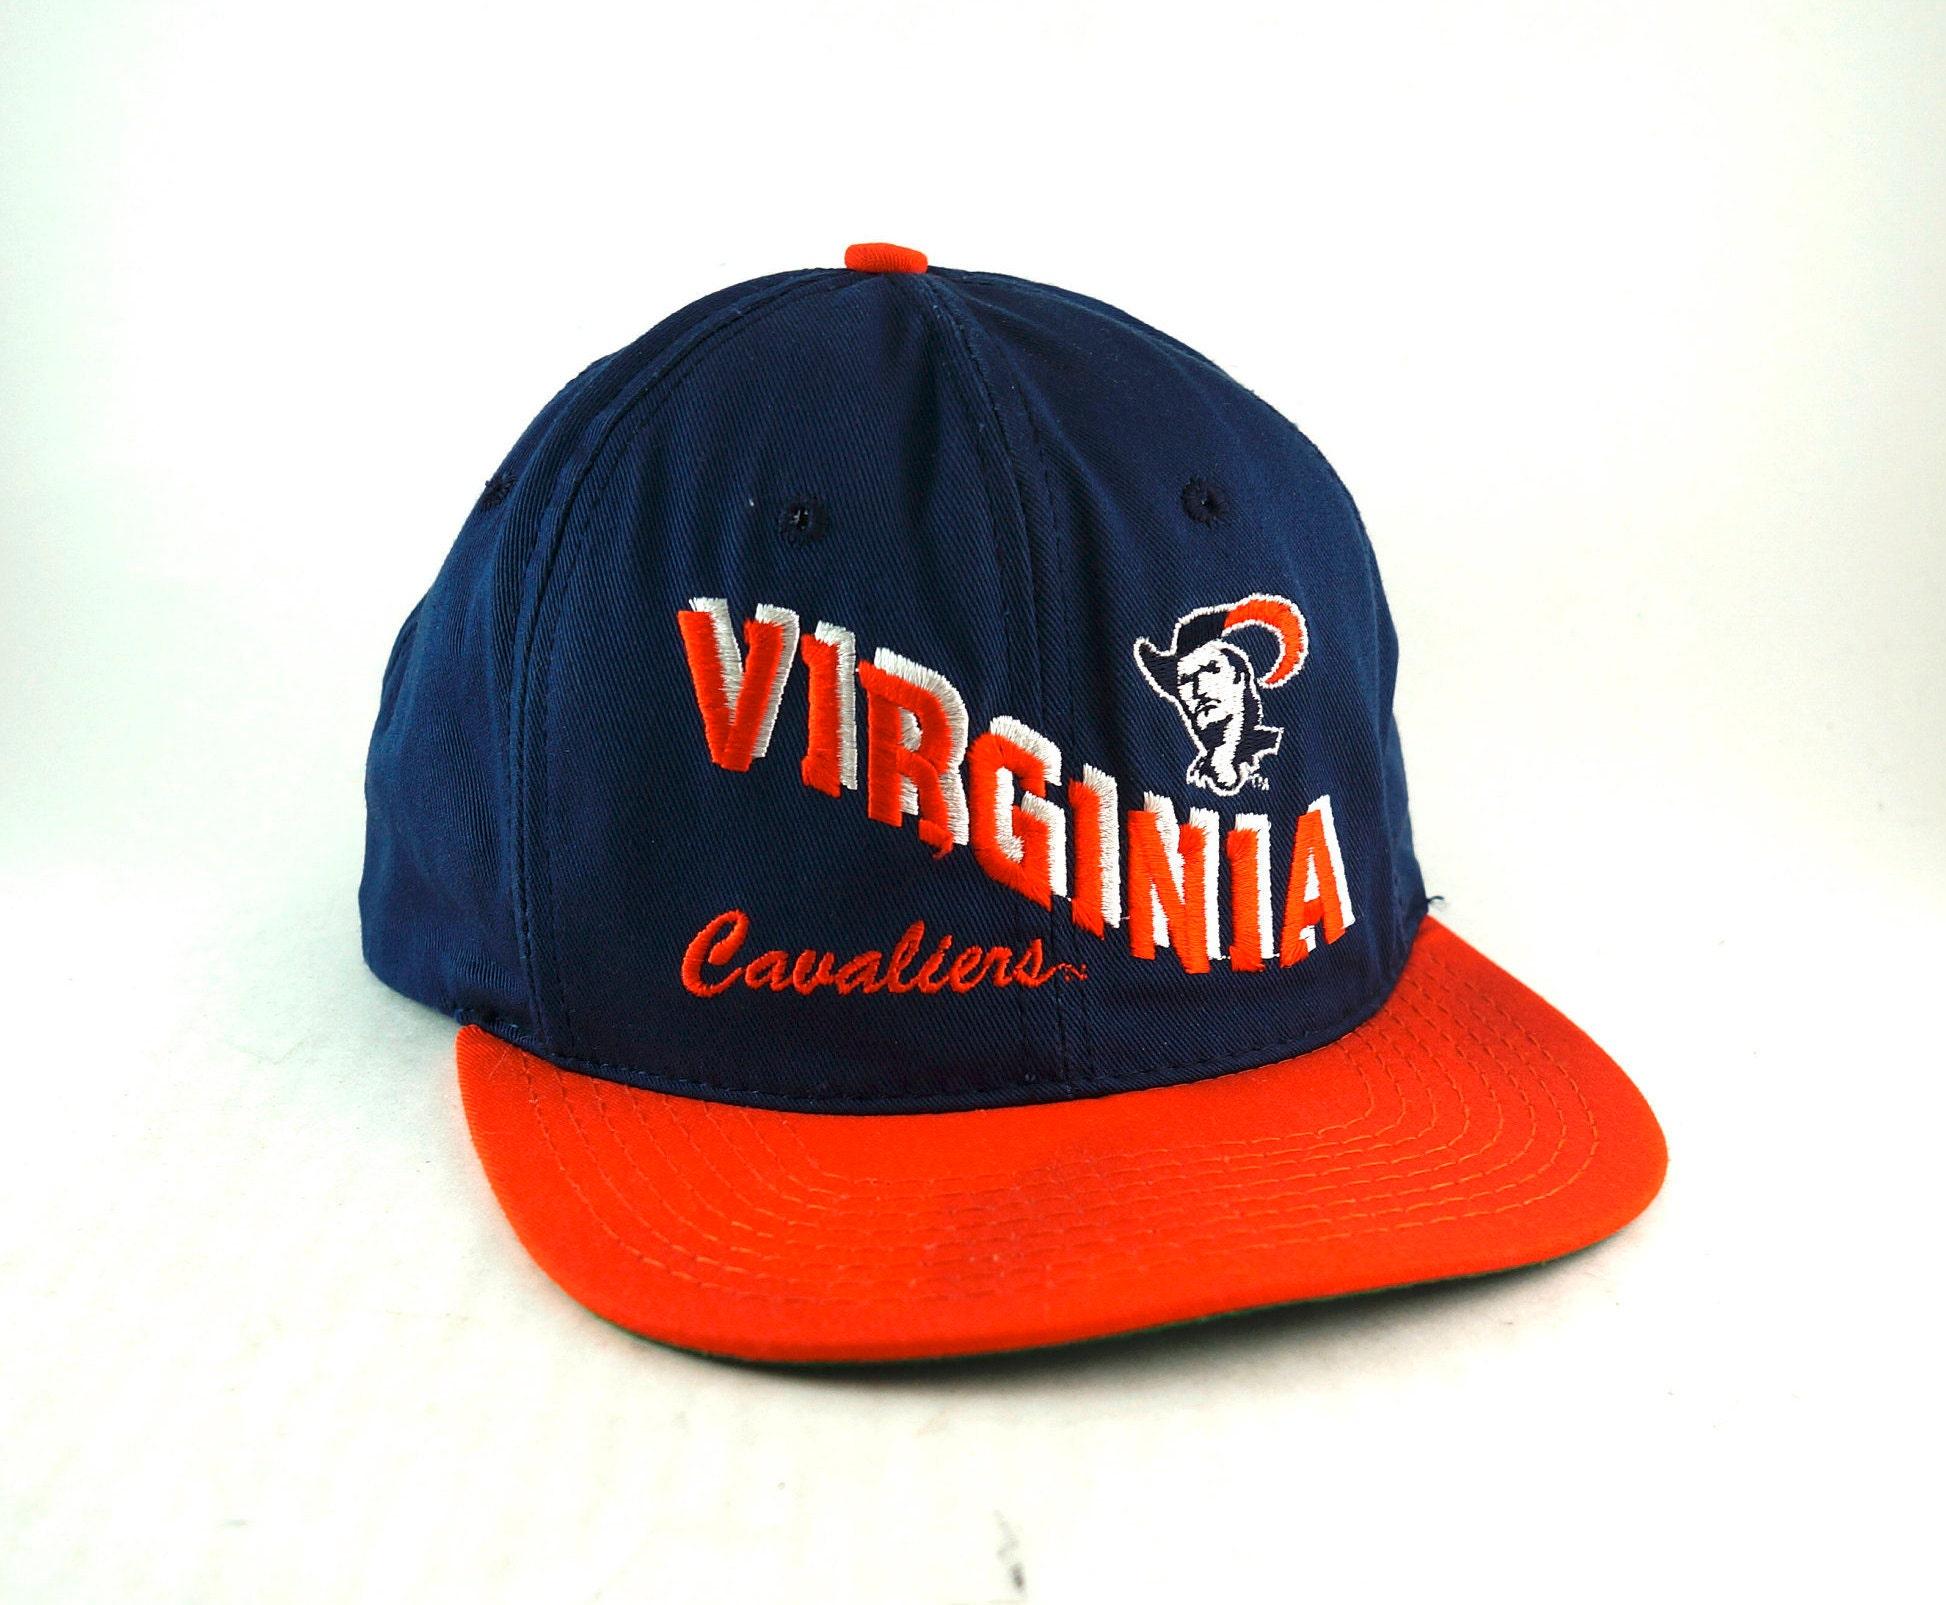 6b1c671fc17 Vintage uva university of virginia cavaliers snapback hat jpg 1946x1605 Uva  hats